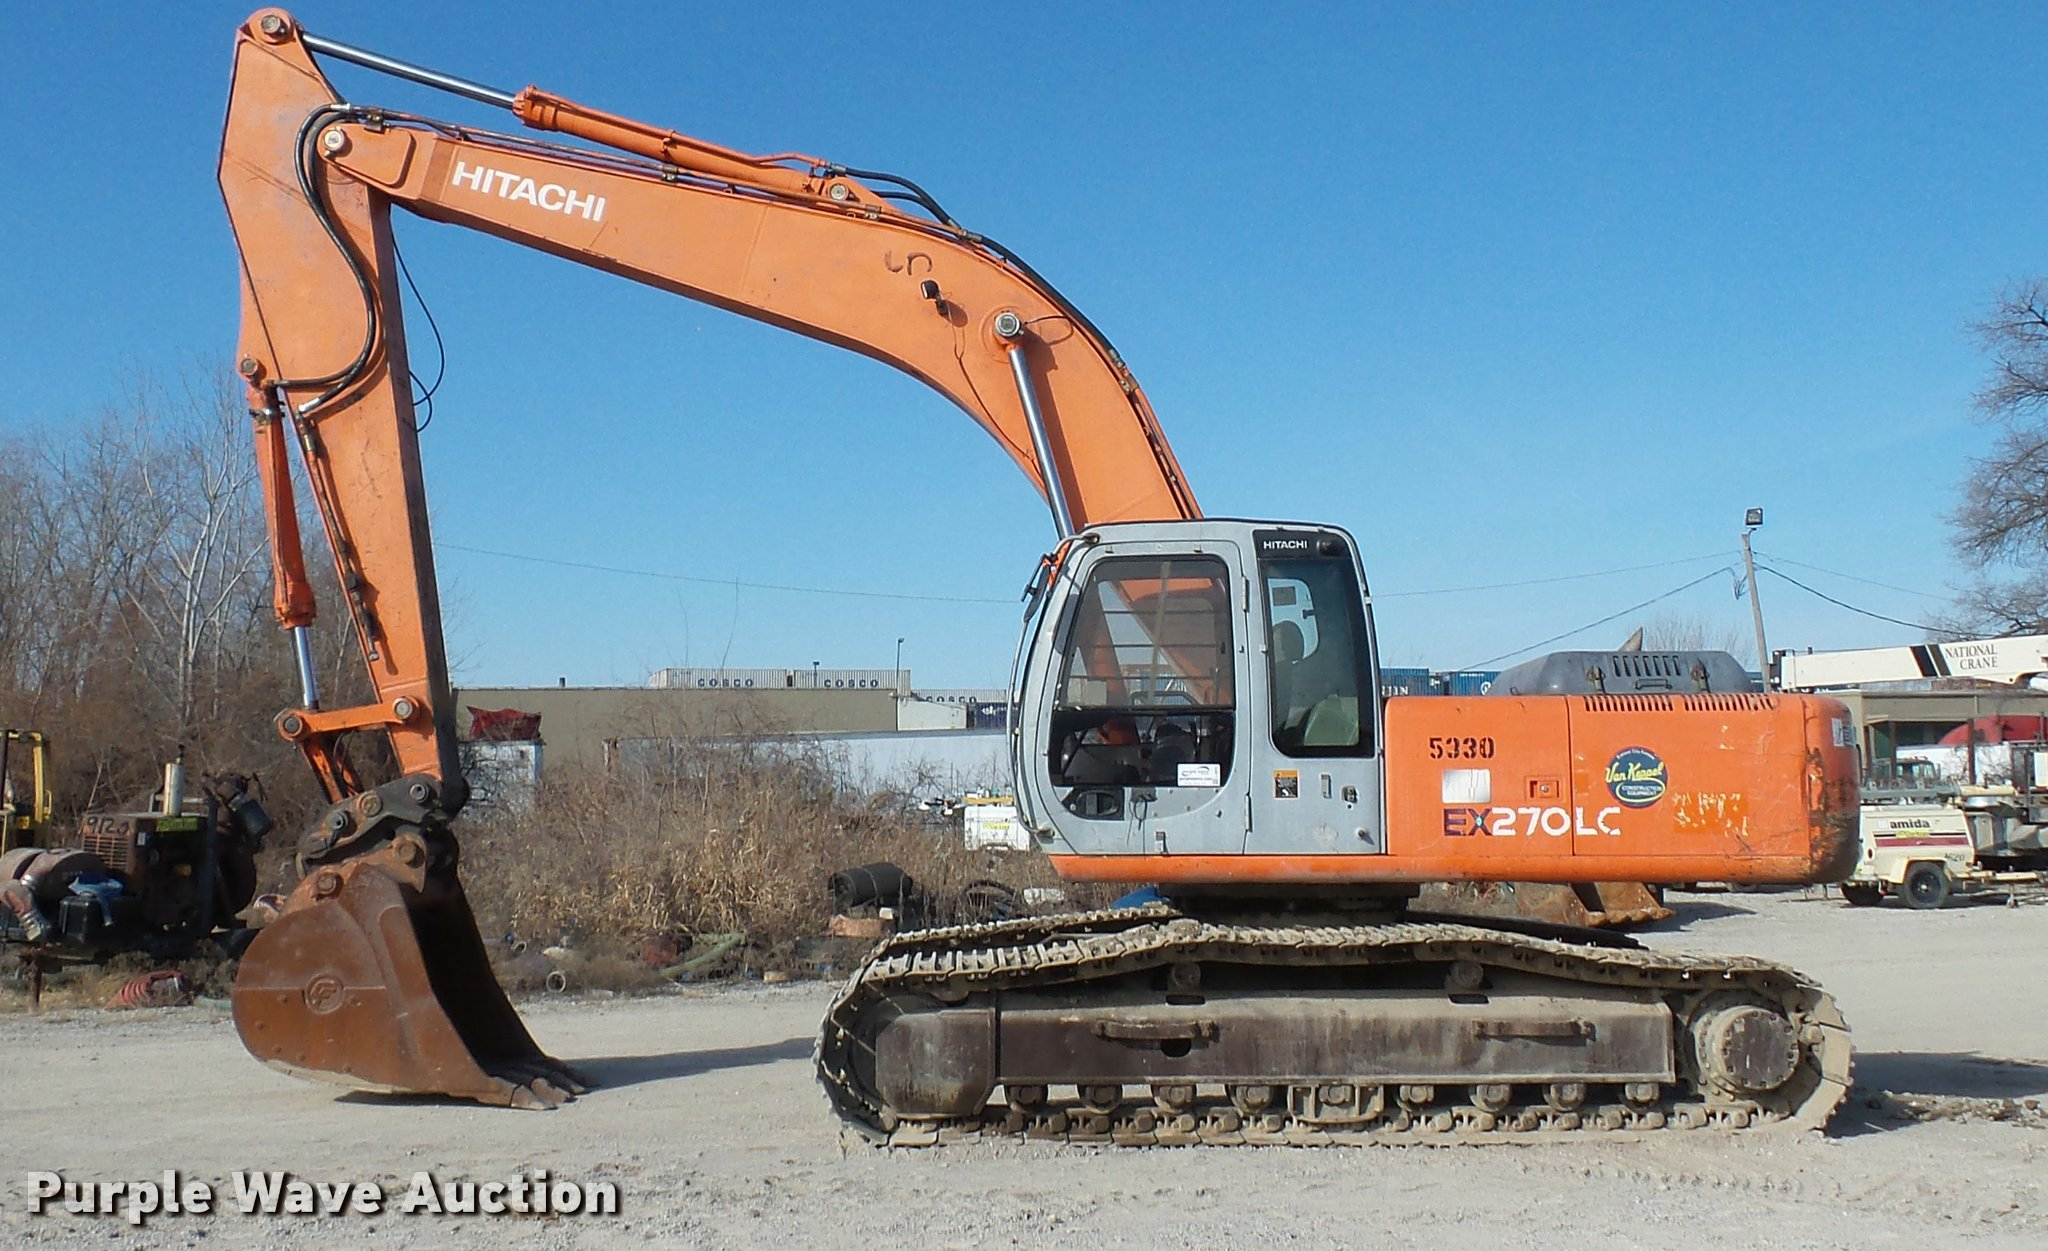 2001 Hitachi EX270 LC excavator | Item L4575 | SOLD! March 2